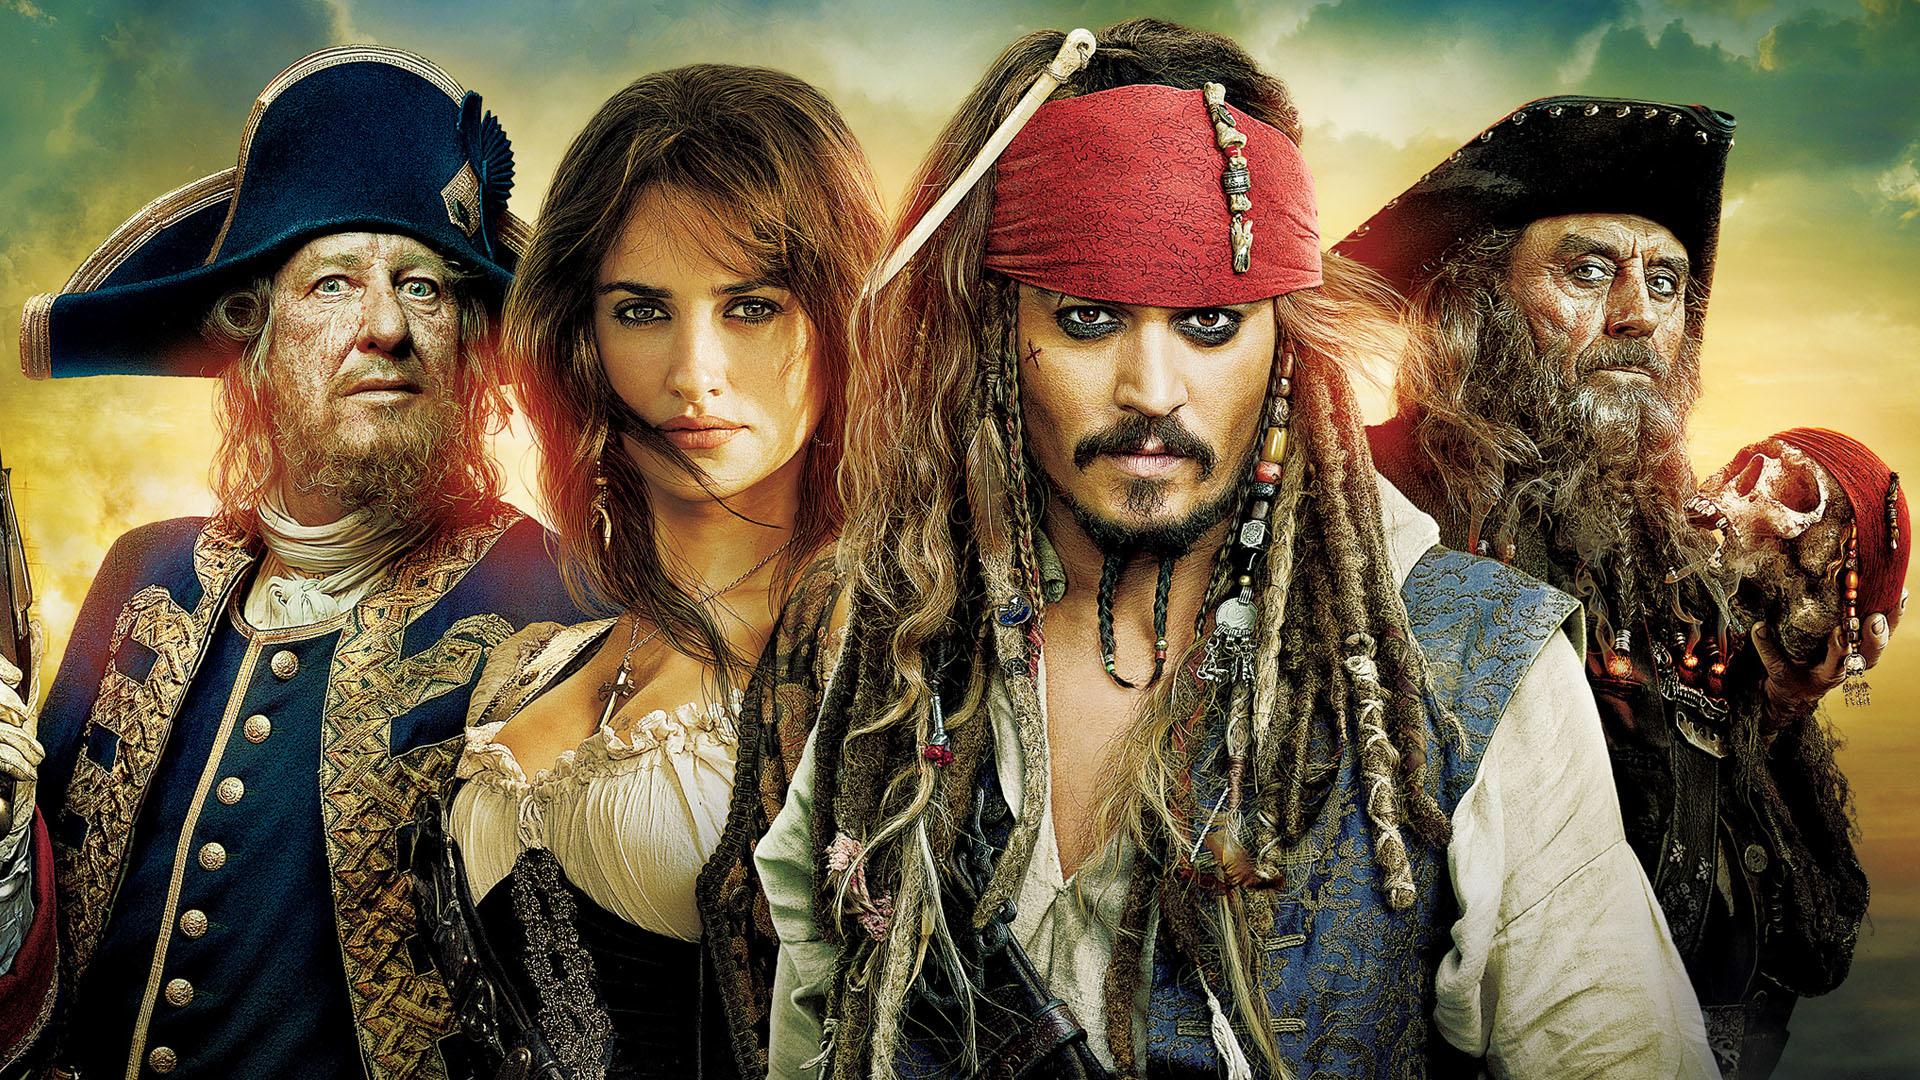 Fotos de piratas del caribe 4 17